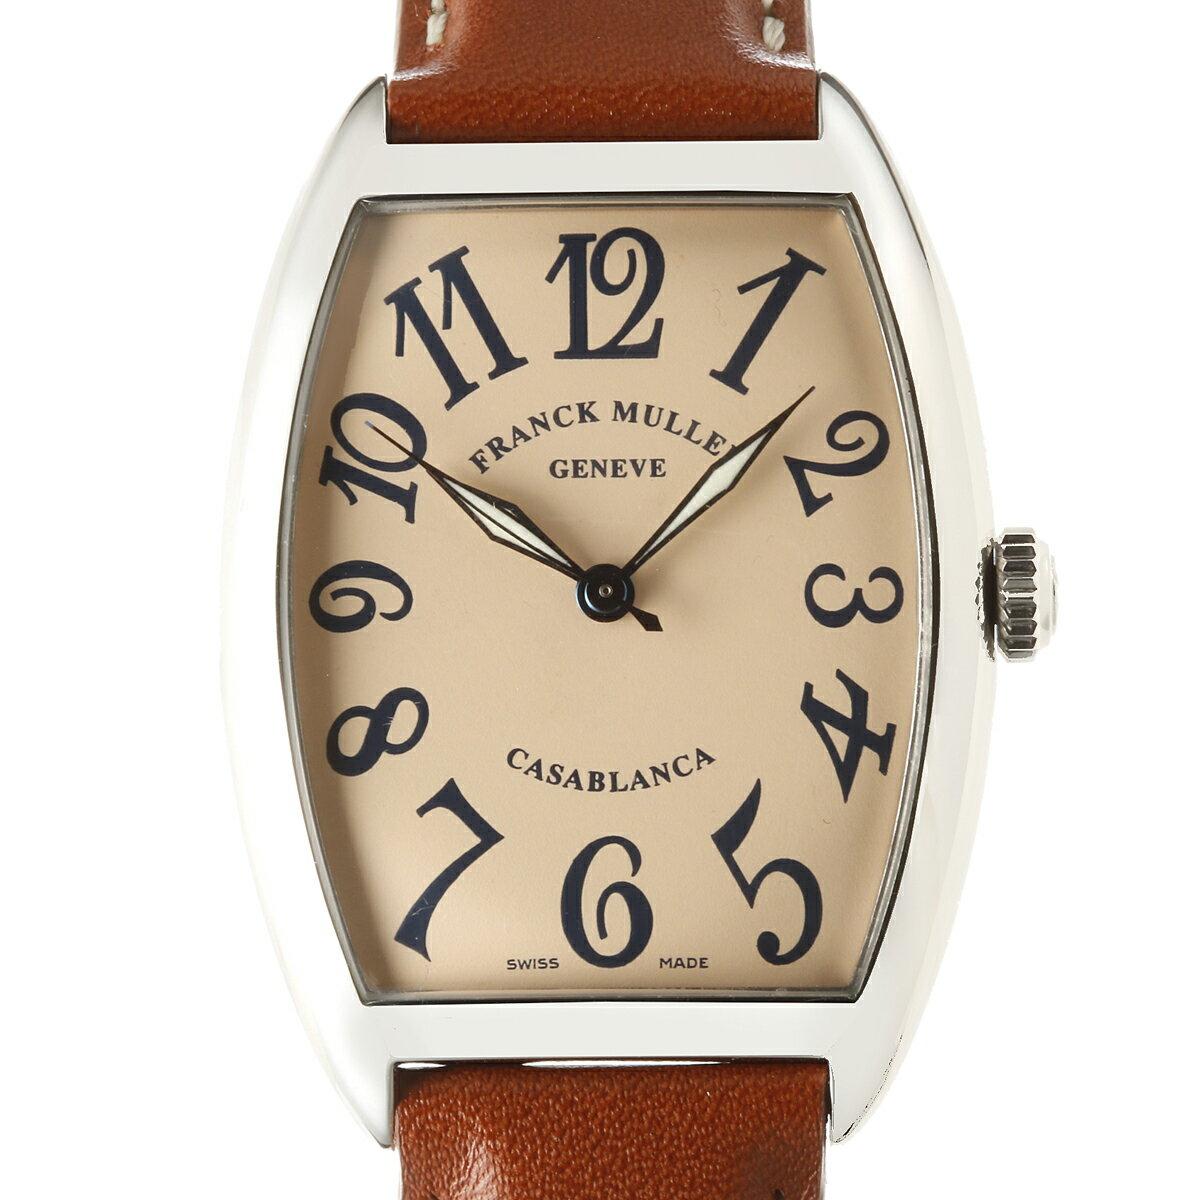 [飯能本店] FRANCK MULLER フランクミュラー カサブランカ 2852CASA 腕時計 ステンレススチール サーモンブルー アラビアン 文字盤 メンズ DH48401【大黒屋質店出品】 【中古】【送料無料】